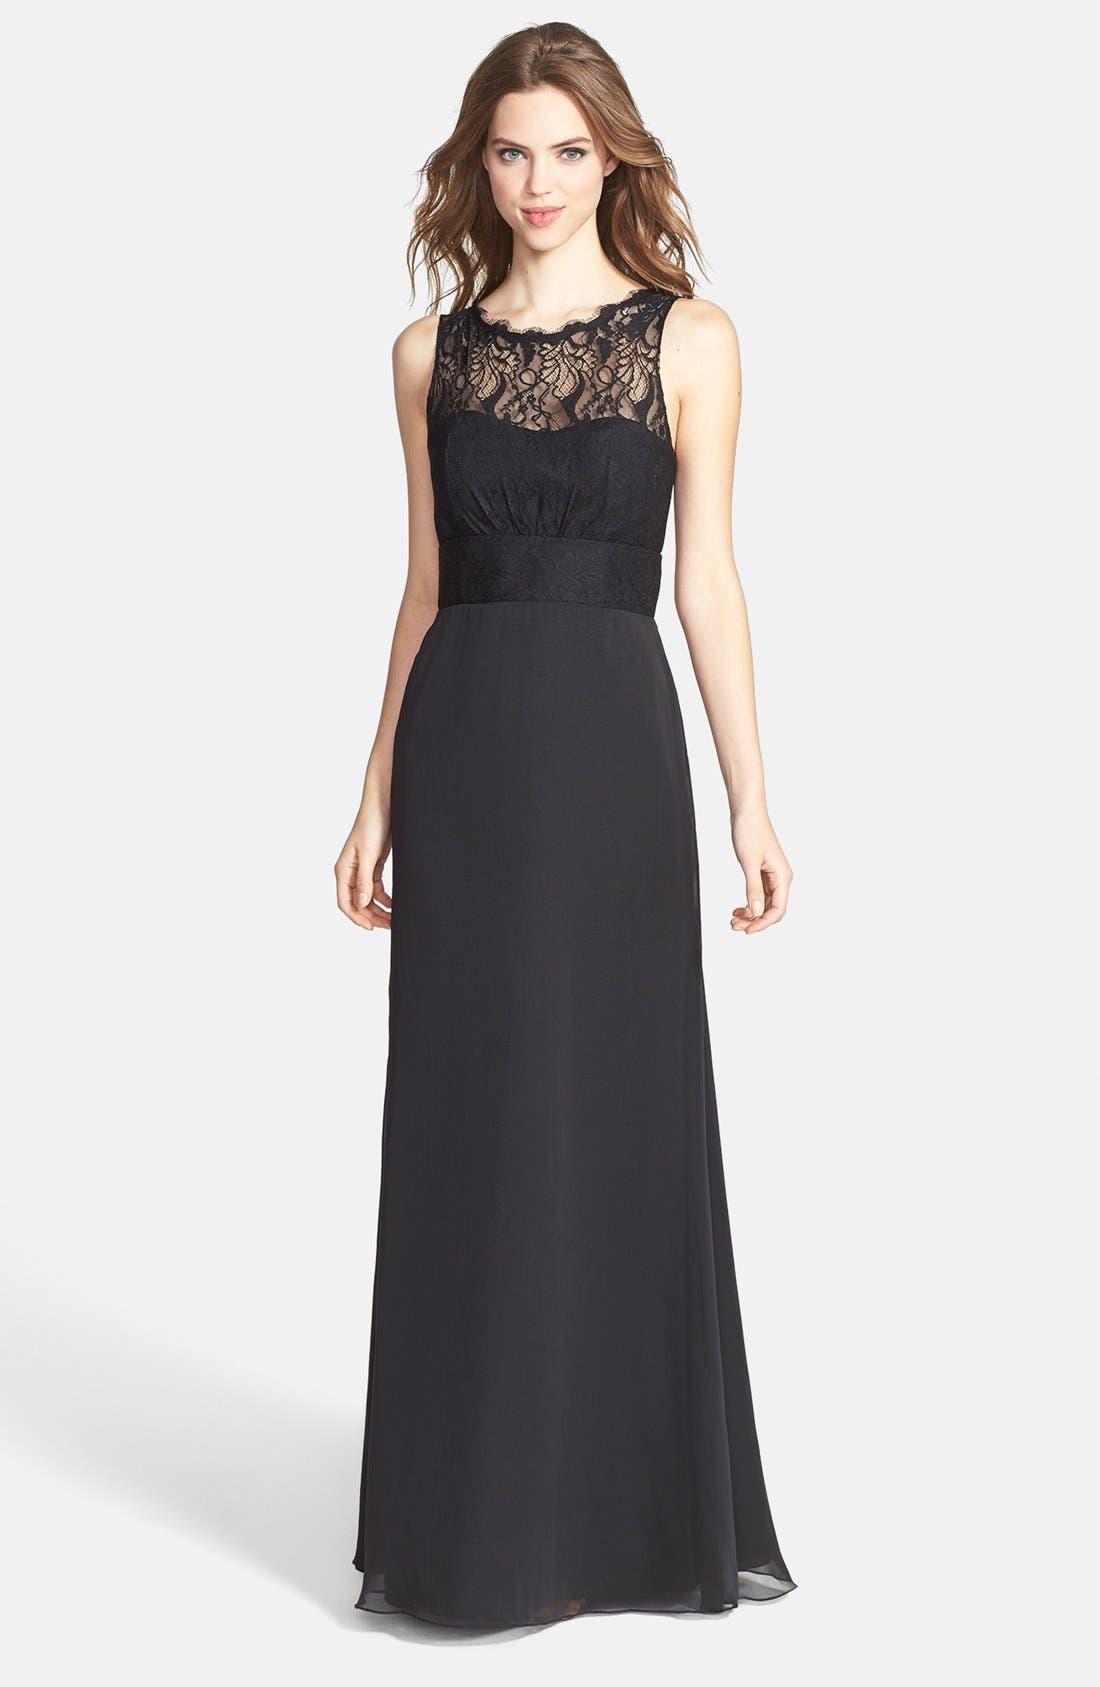 Main Image - Jim Hjelm Occasions Illusion Lace Bodice Chiffon Dress